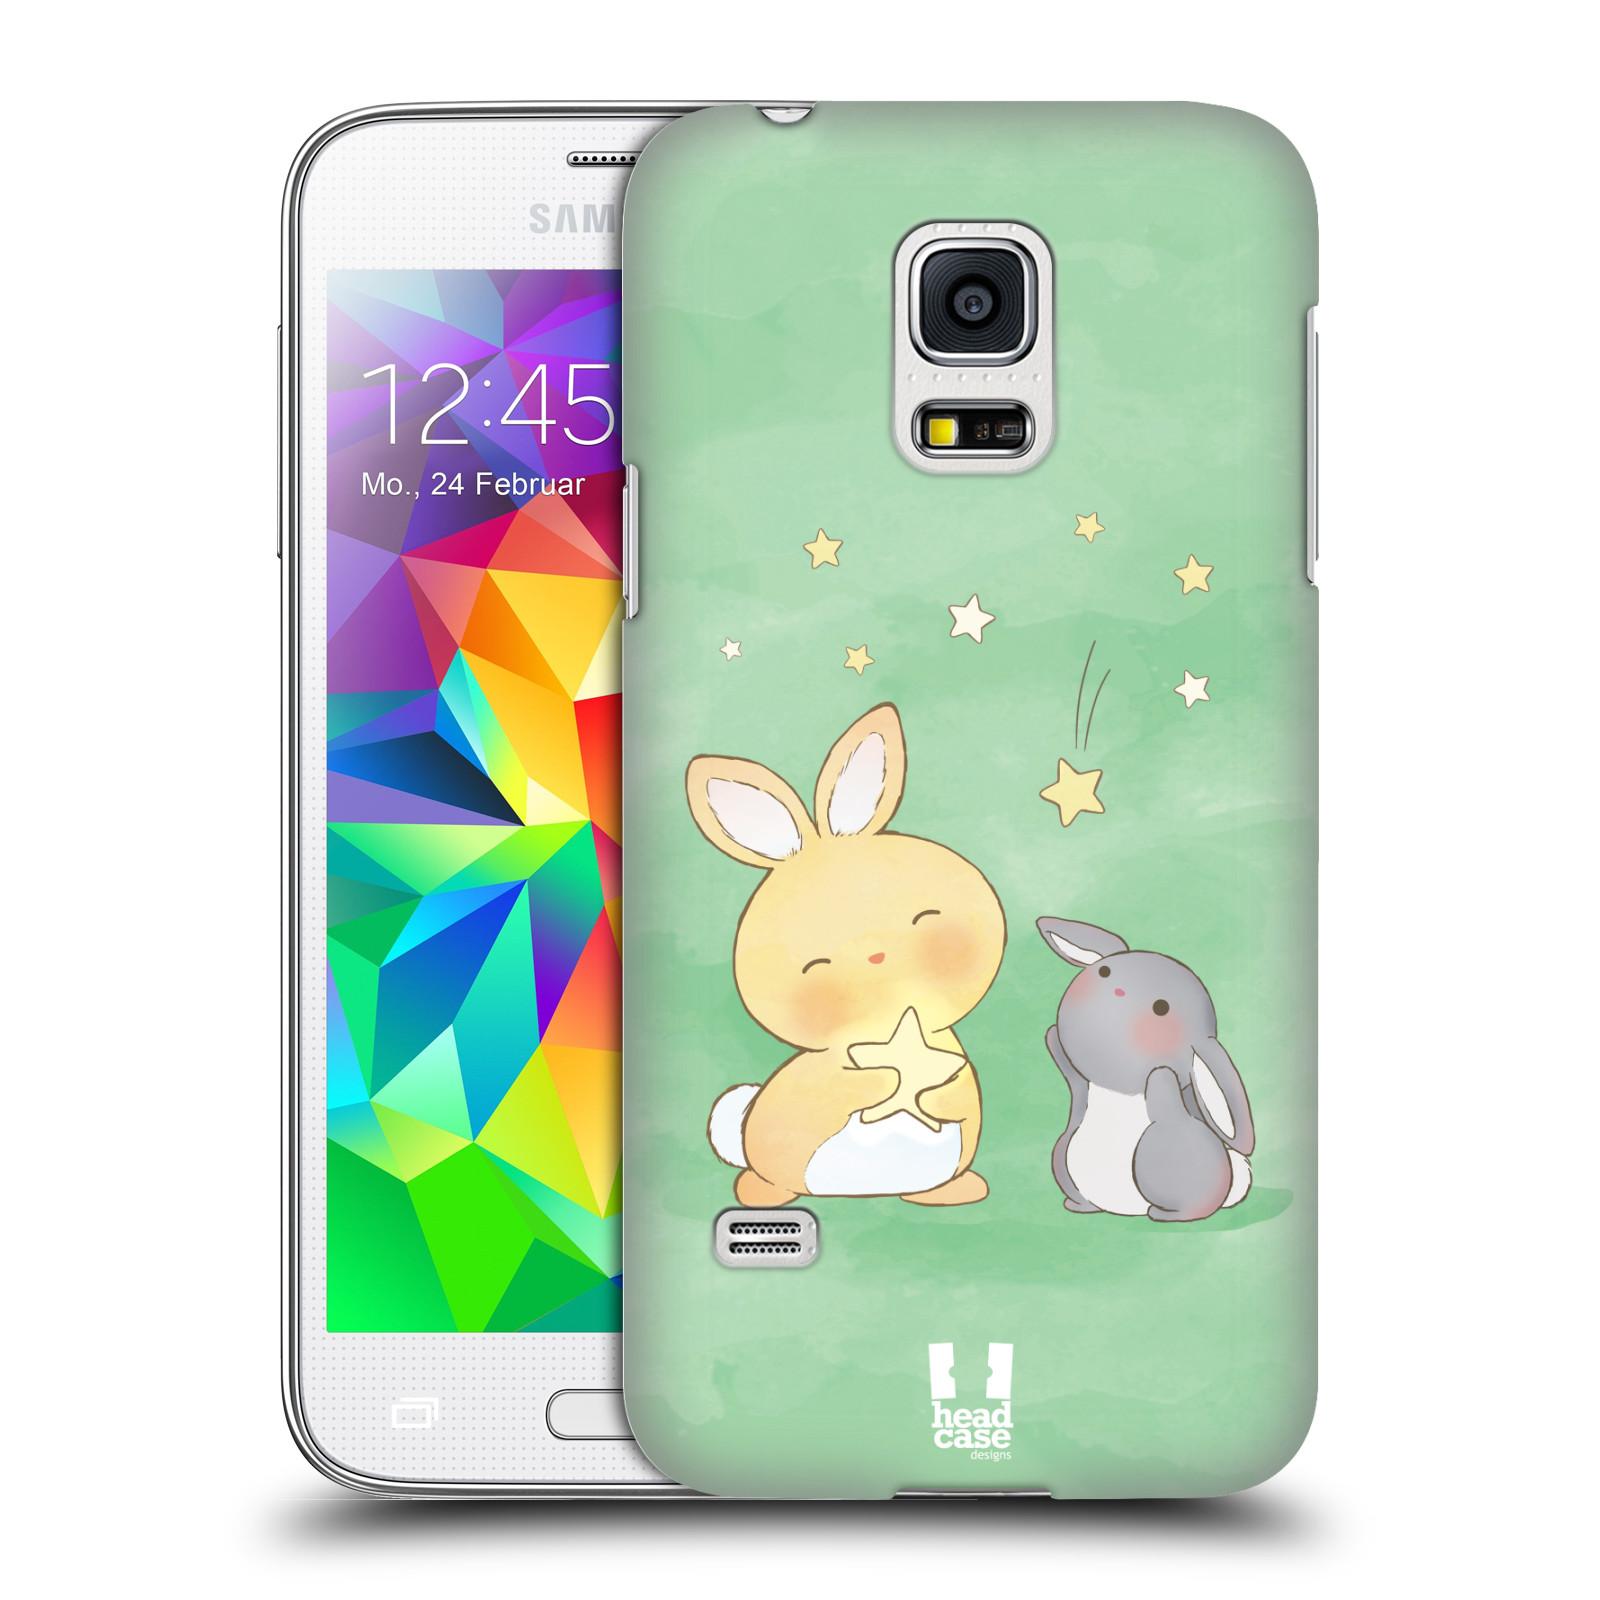 HEAD CASE plastový obal na mobil SAMSUNG Galaxy S5 MINI / S5 MINI DUOS vzor králíček a hvězdy zelená